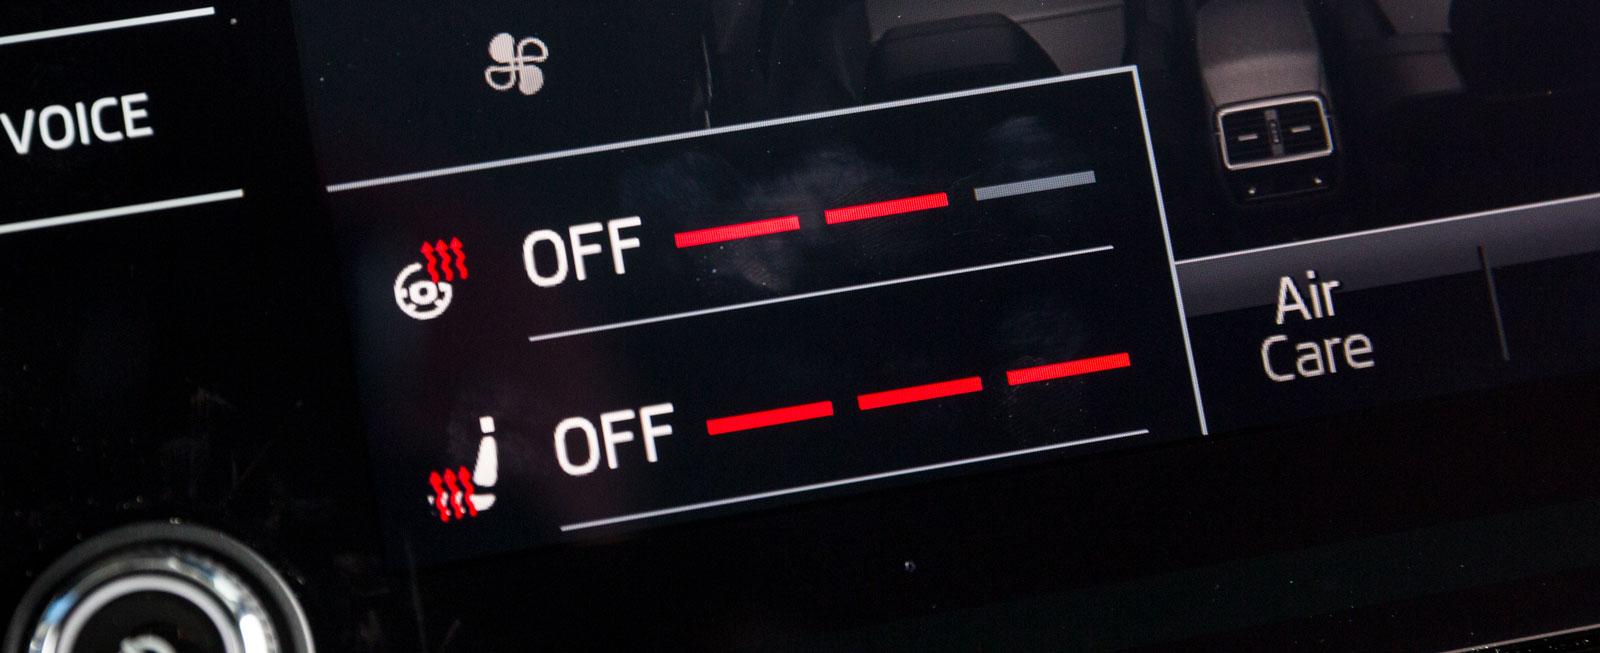 Skodas rattvärme är gömd i stolsvärme för förarplatsen. Sedan justeras värmen på pekskärmen. Inte helt logiskt.